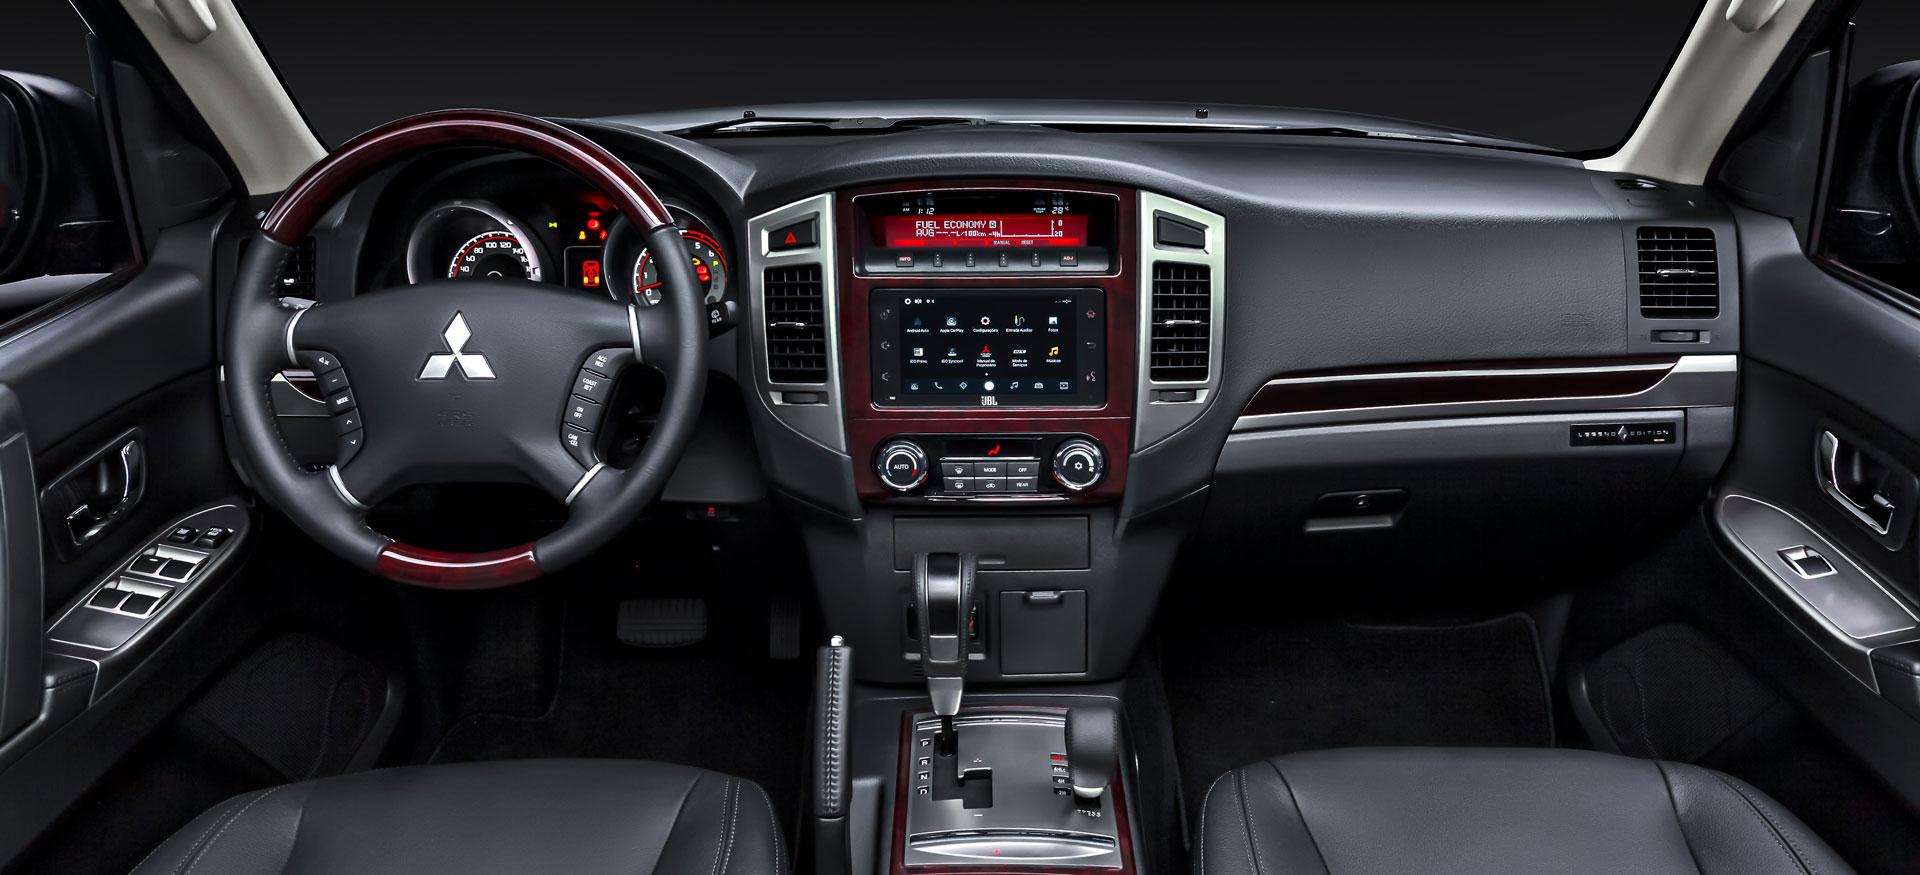 Novo Mitsubishi Pajero Full para Comprar na Concessionária e Revenda Autorizada Marcovel Mitsubishi em Redenção e Parauapeba, Pará, PA